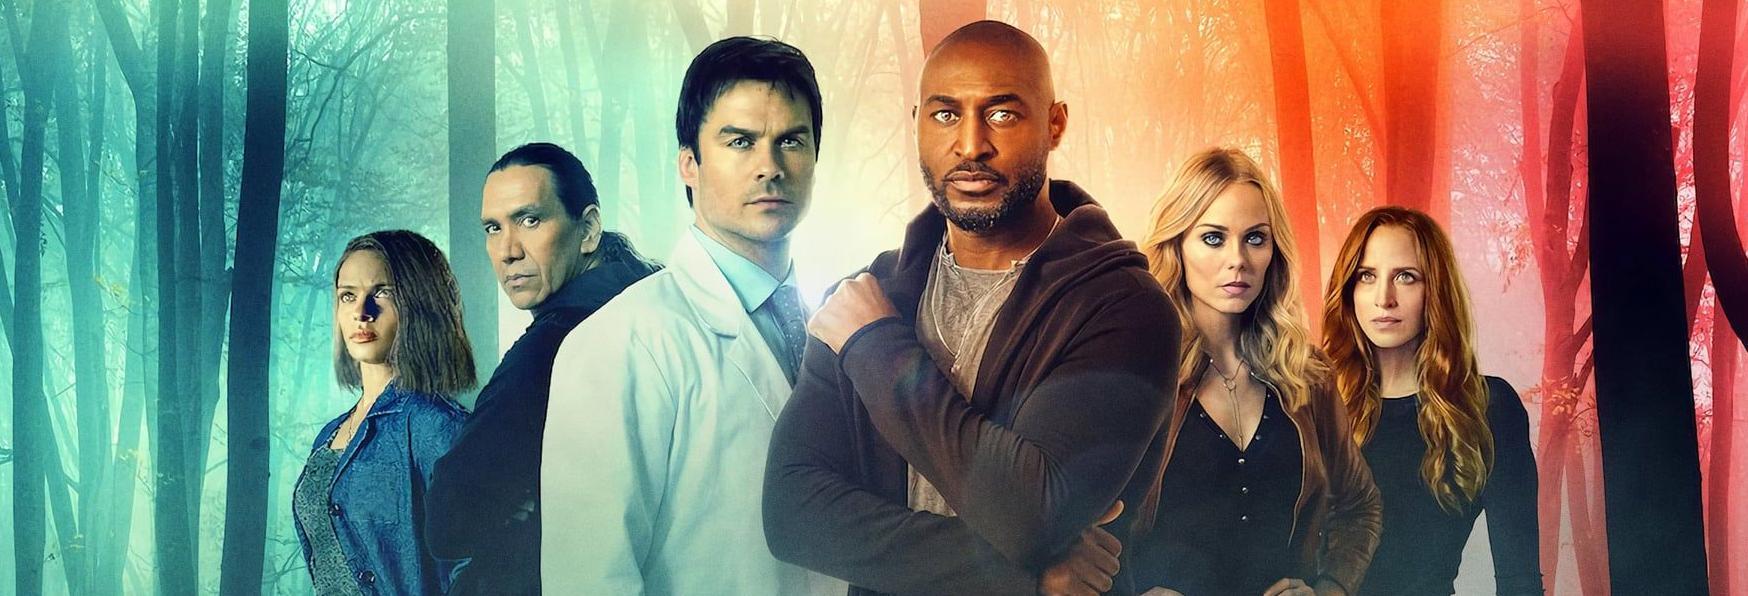 Netflix cancella le Serie TV V-Wars e October Faction dopo una sola Stagione